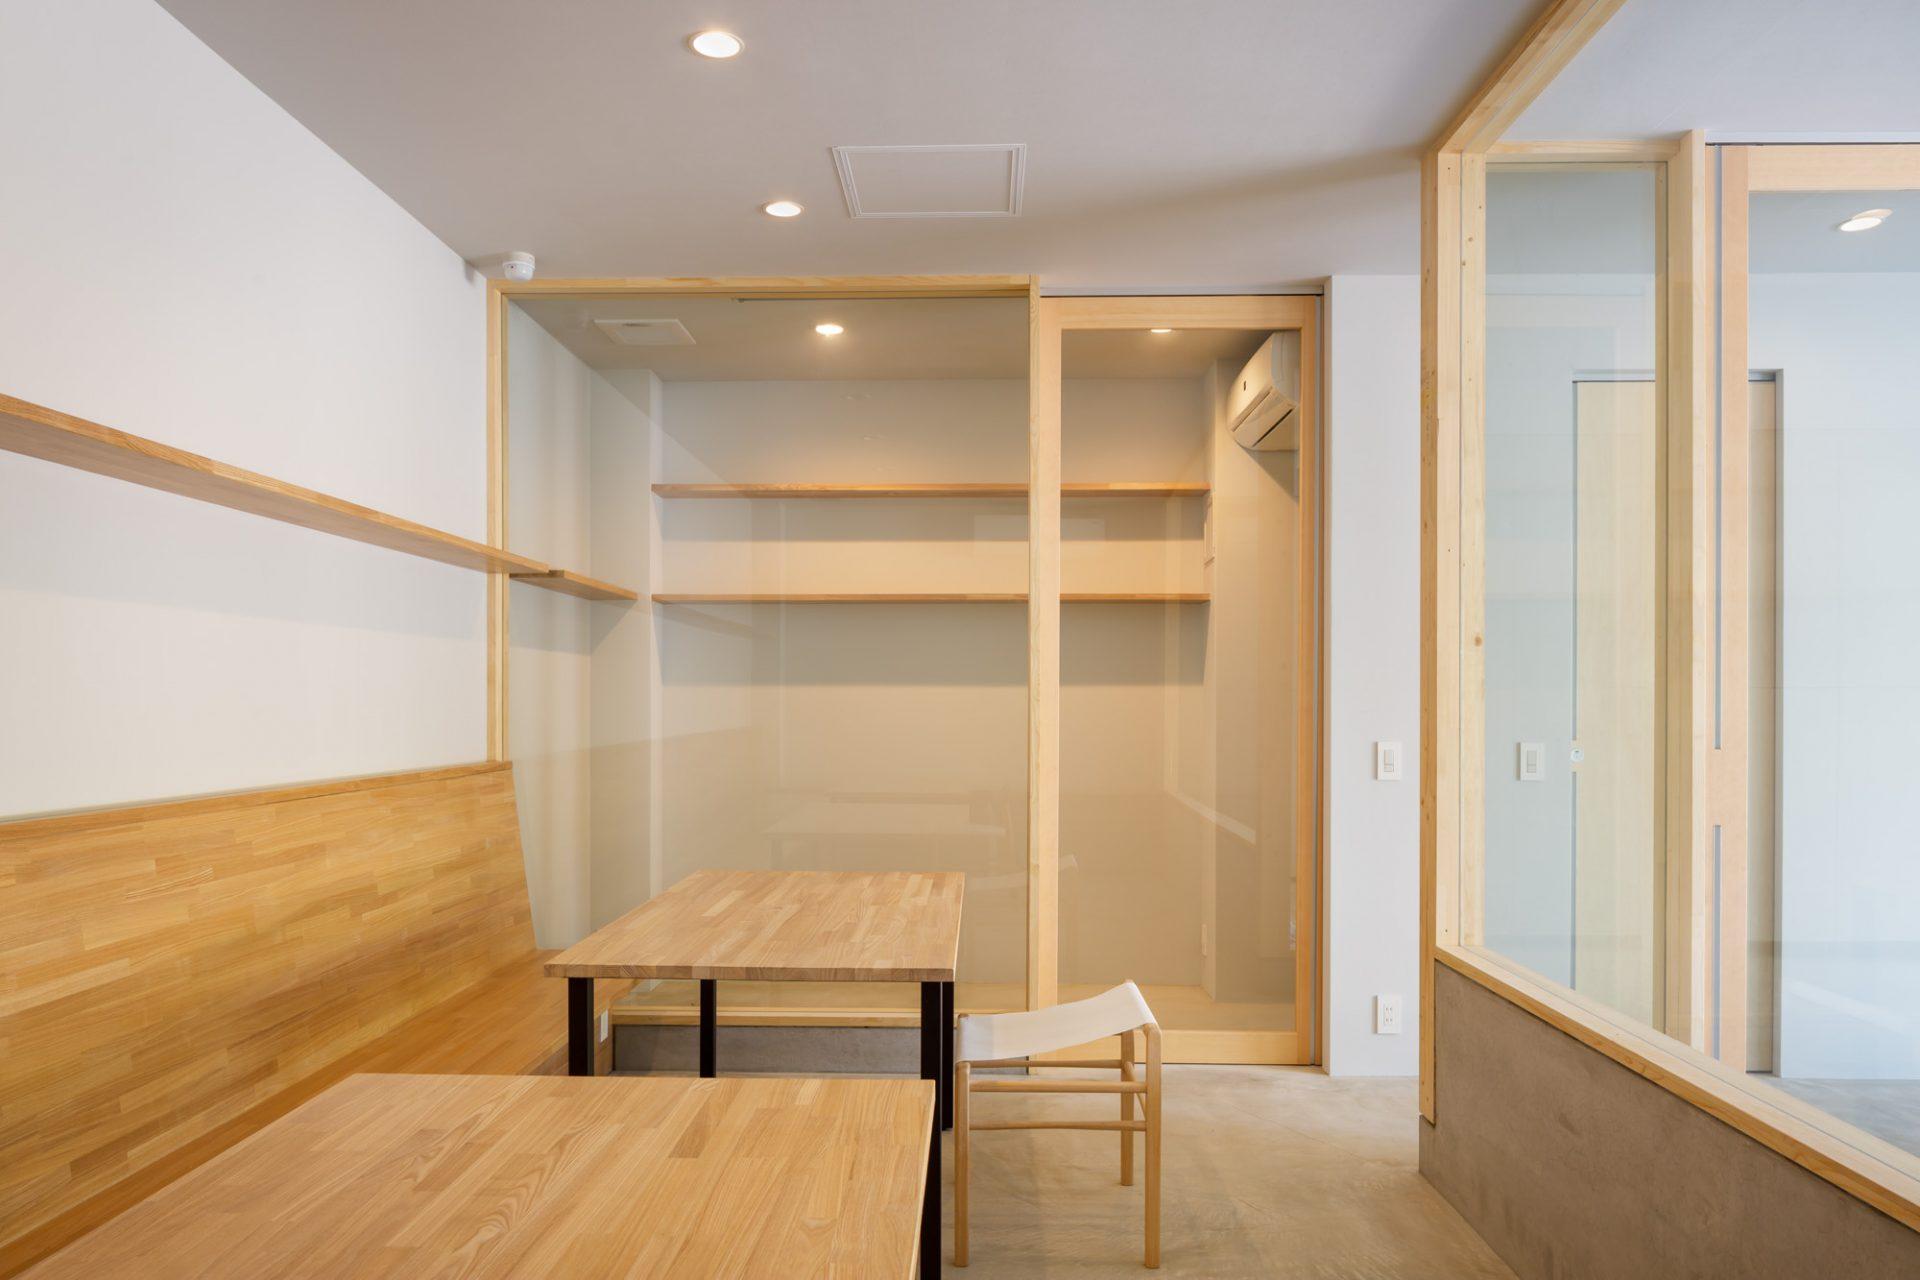 大阪 中西プラスチック株式会社のギャラリー兼ミーティングスペース04